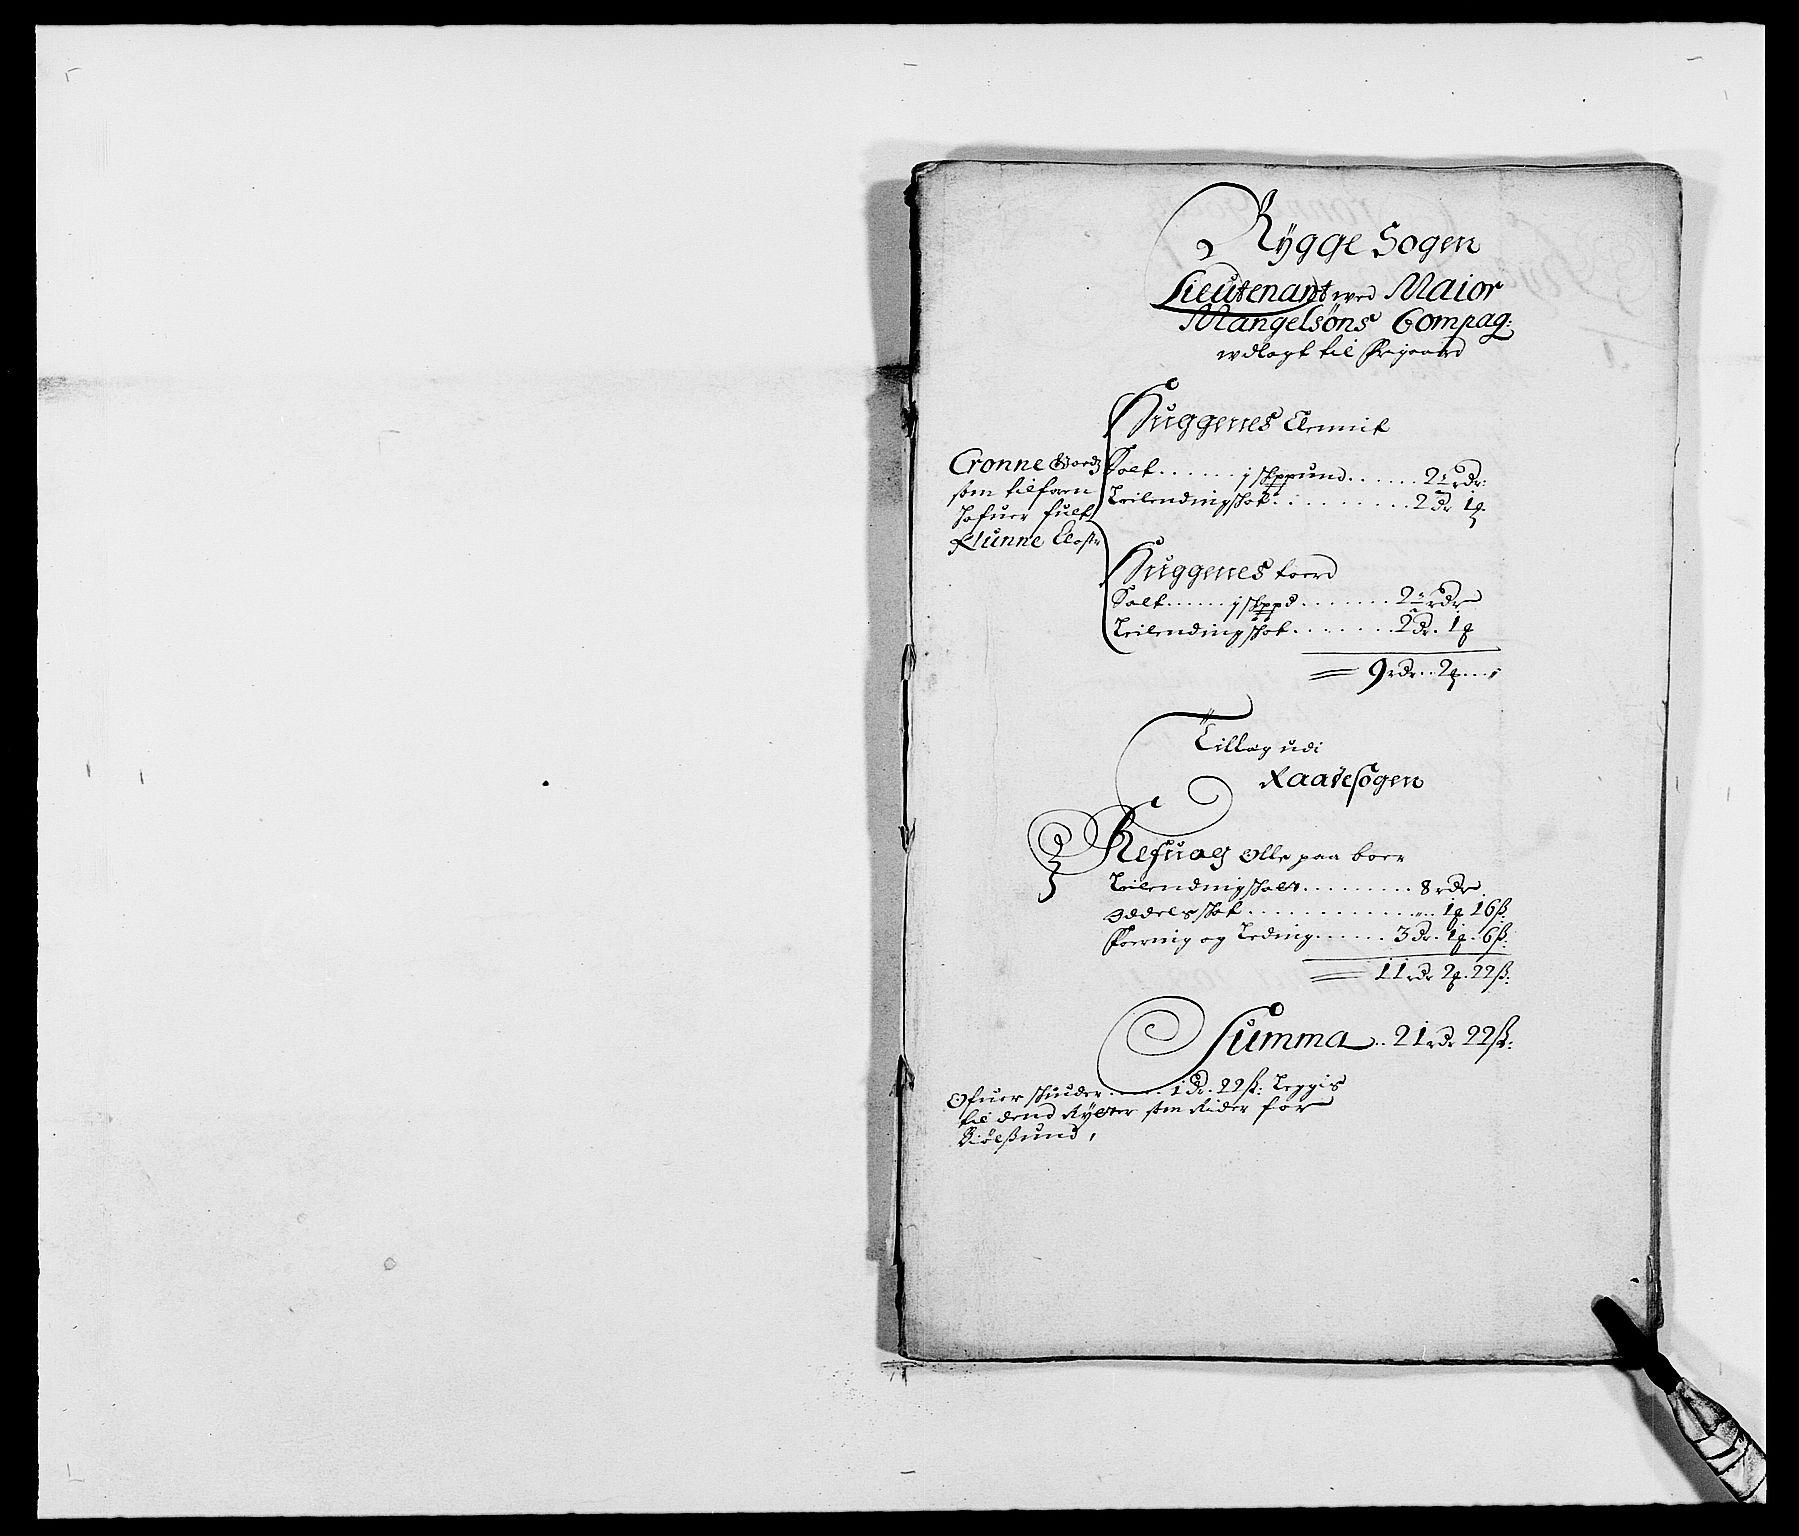 RA, Rentekammeret inntil 1814, Reviderte regnskaper, Fogderegnskap, R02/L0102: Fogderegnskap Moss og Verne kloster, 1675-1681, s. 315